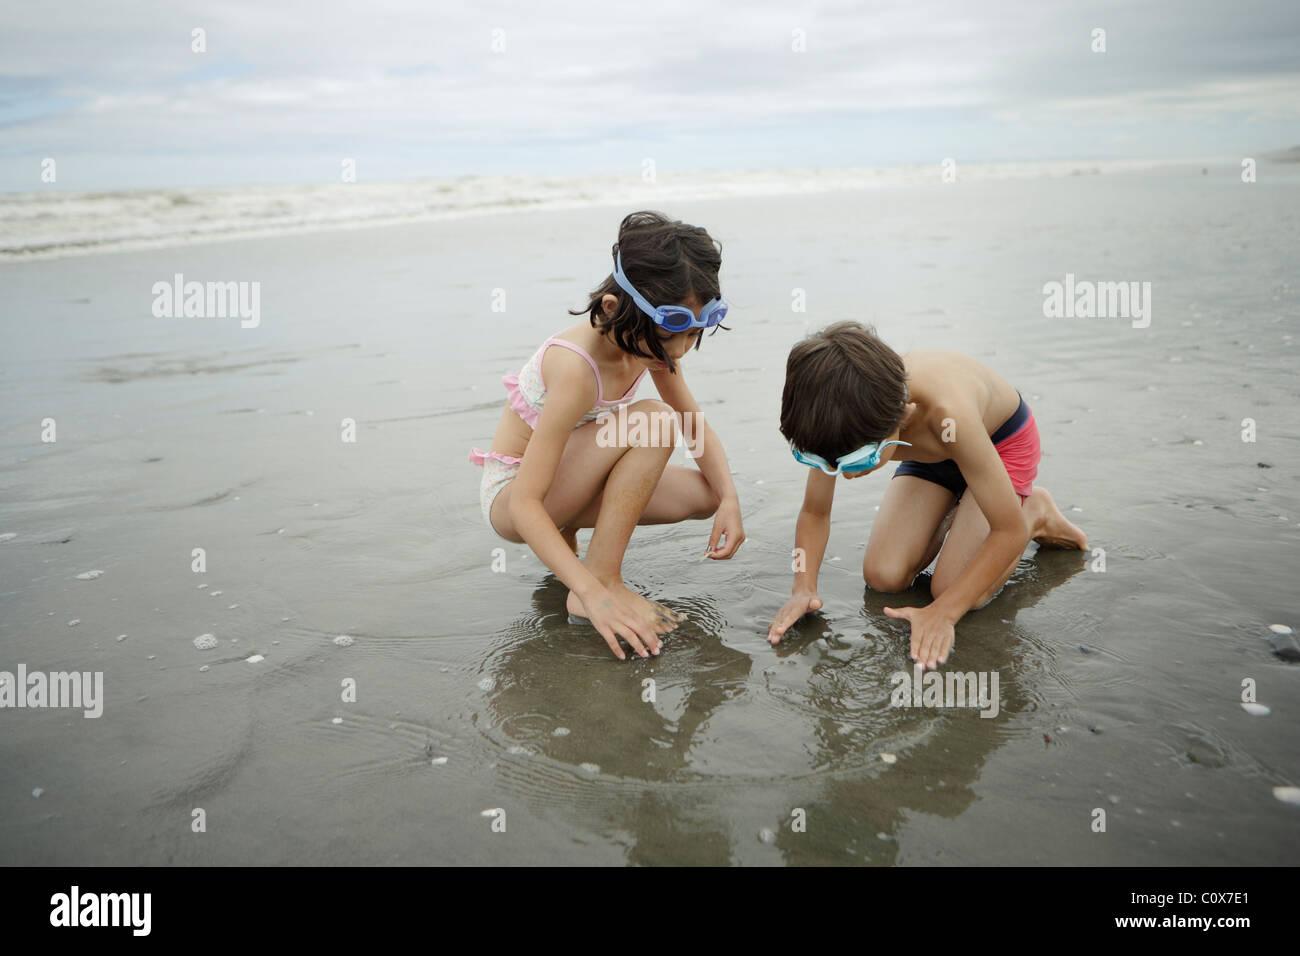 Hermano y hermana, mestizos, jugar en el mar. Manawatu, Nueva Zelanda. Imagen De Stock